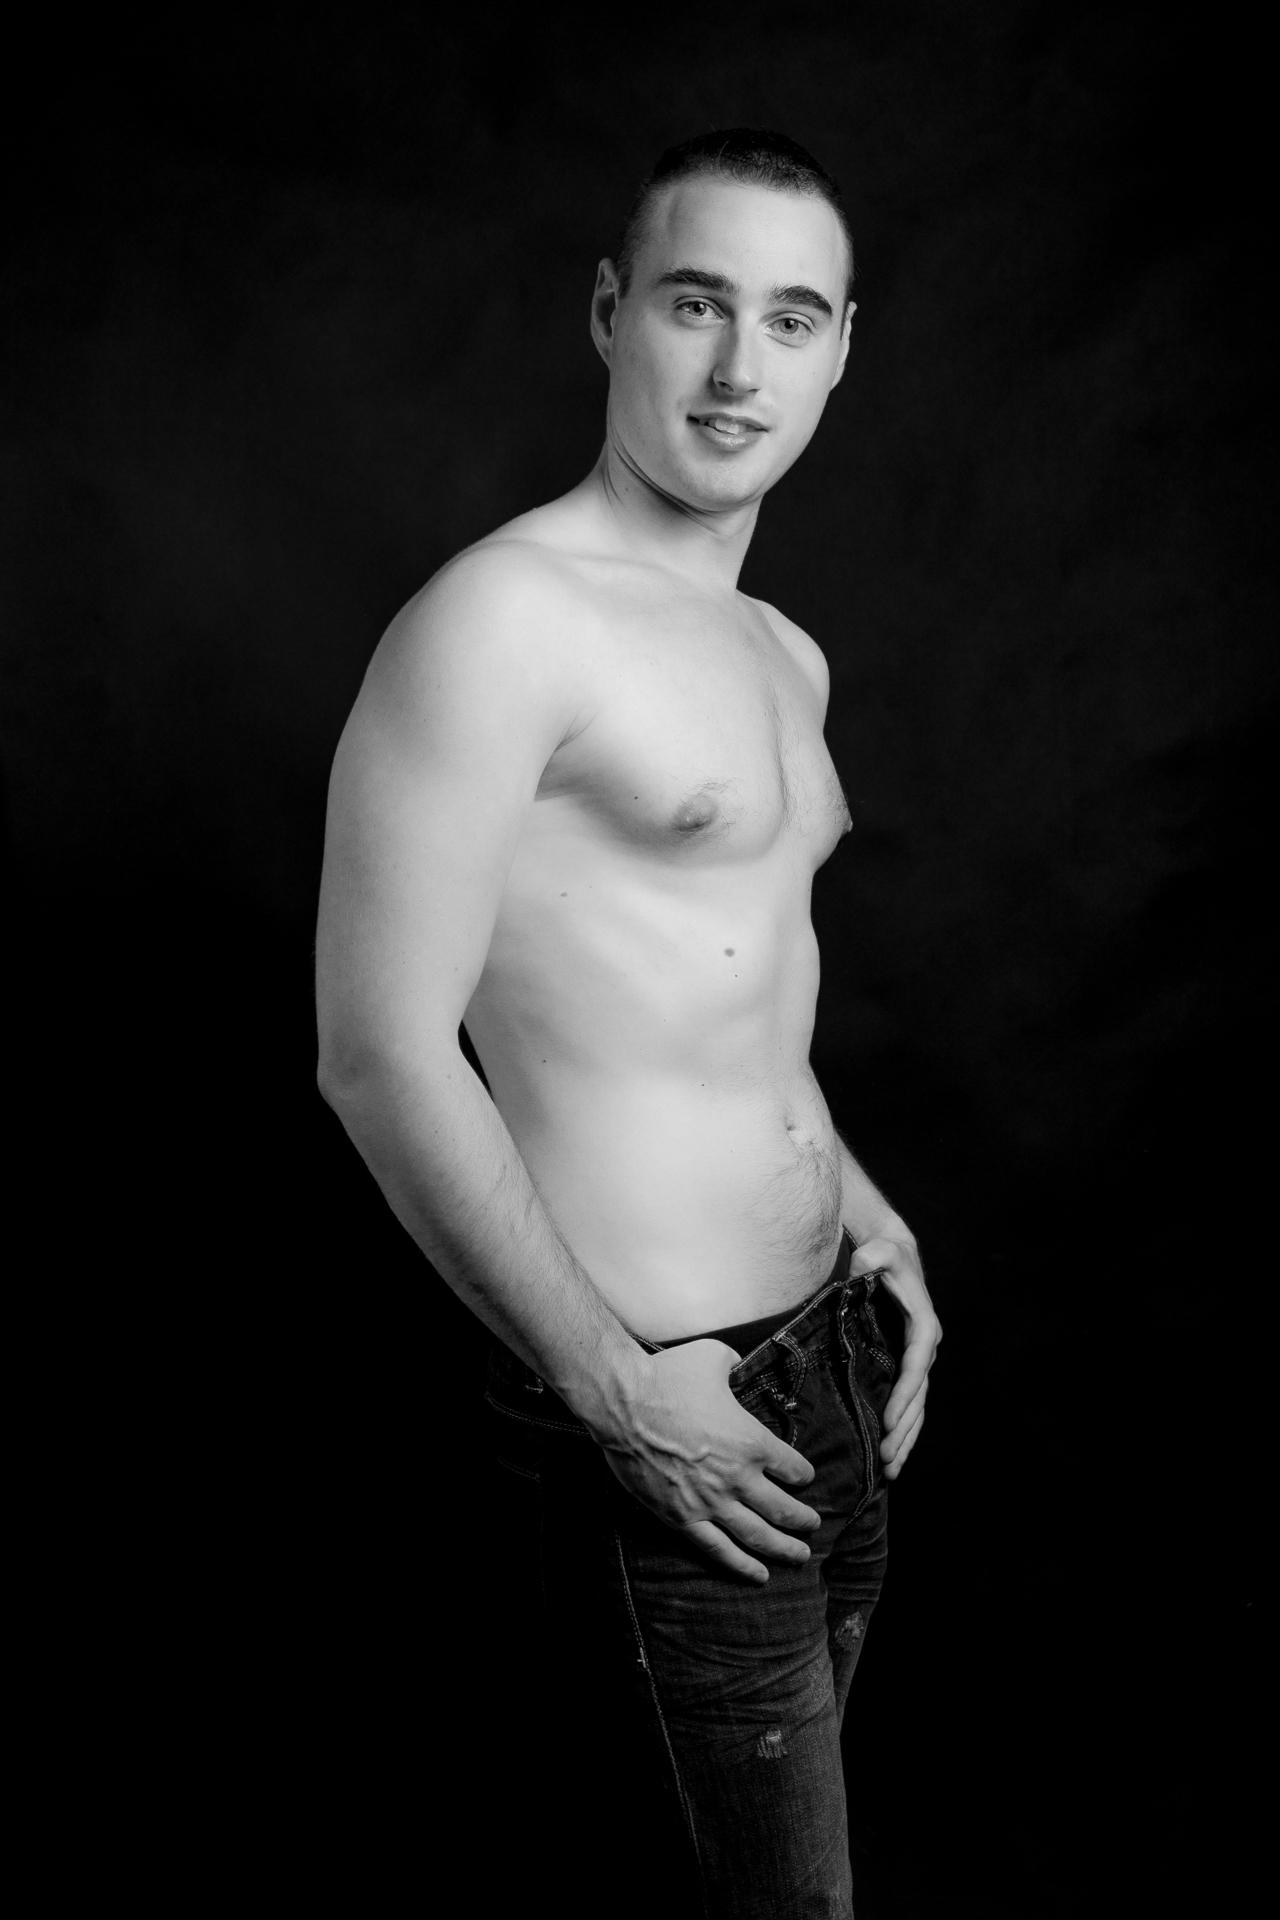 Profesionální ateliérové foto služby, černobílá fotografie mladý, svalnatý muž, mužský akt